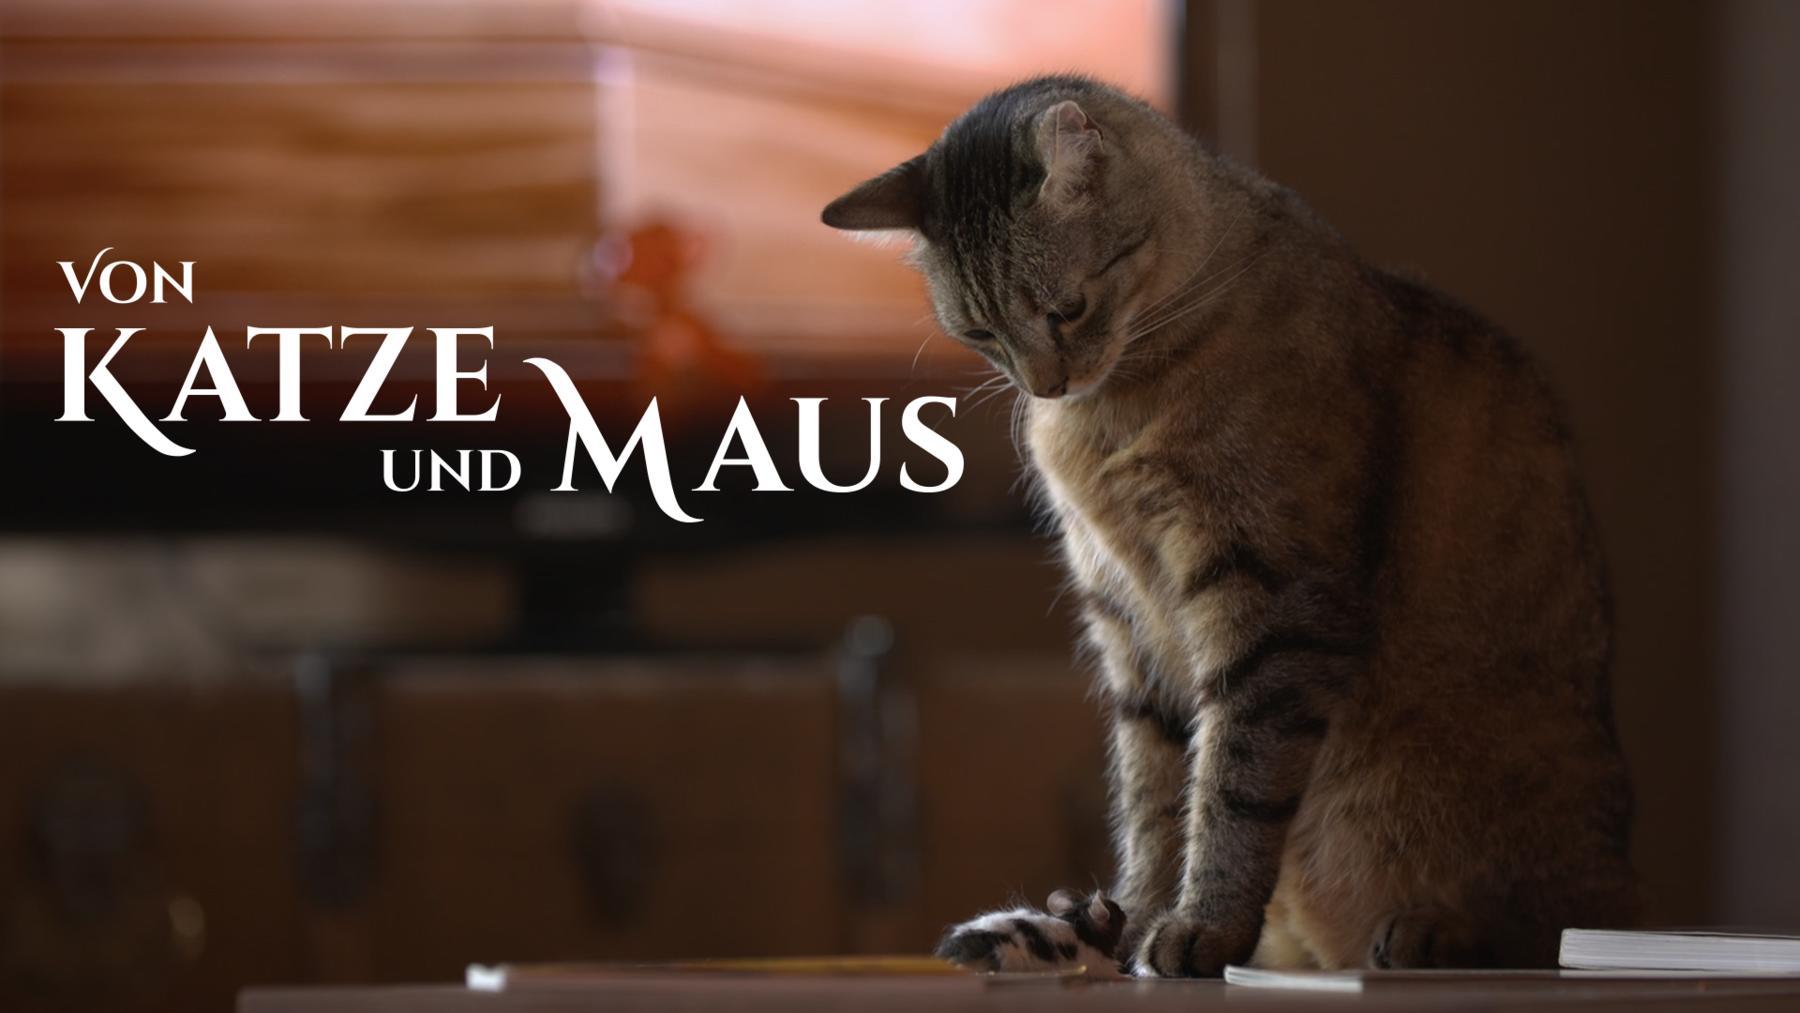 Von Katze und Maus - Das ewige Duell